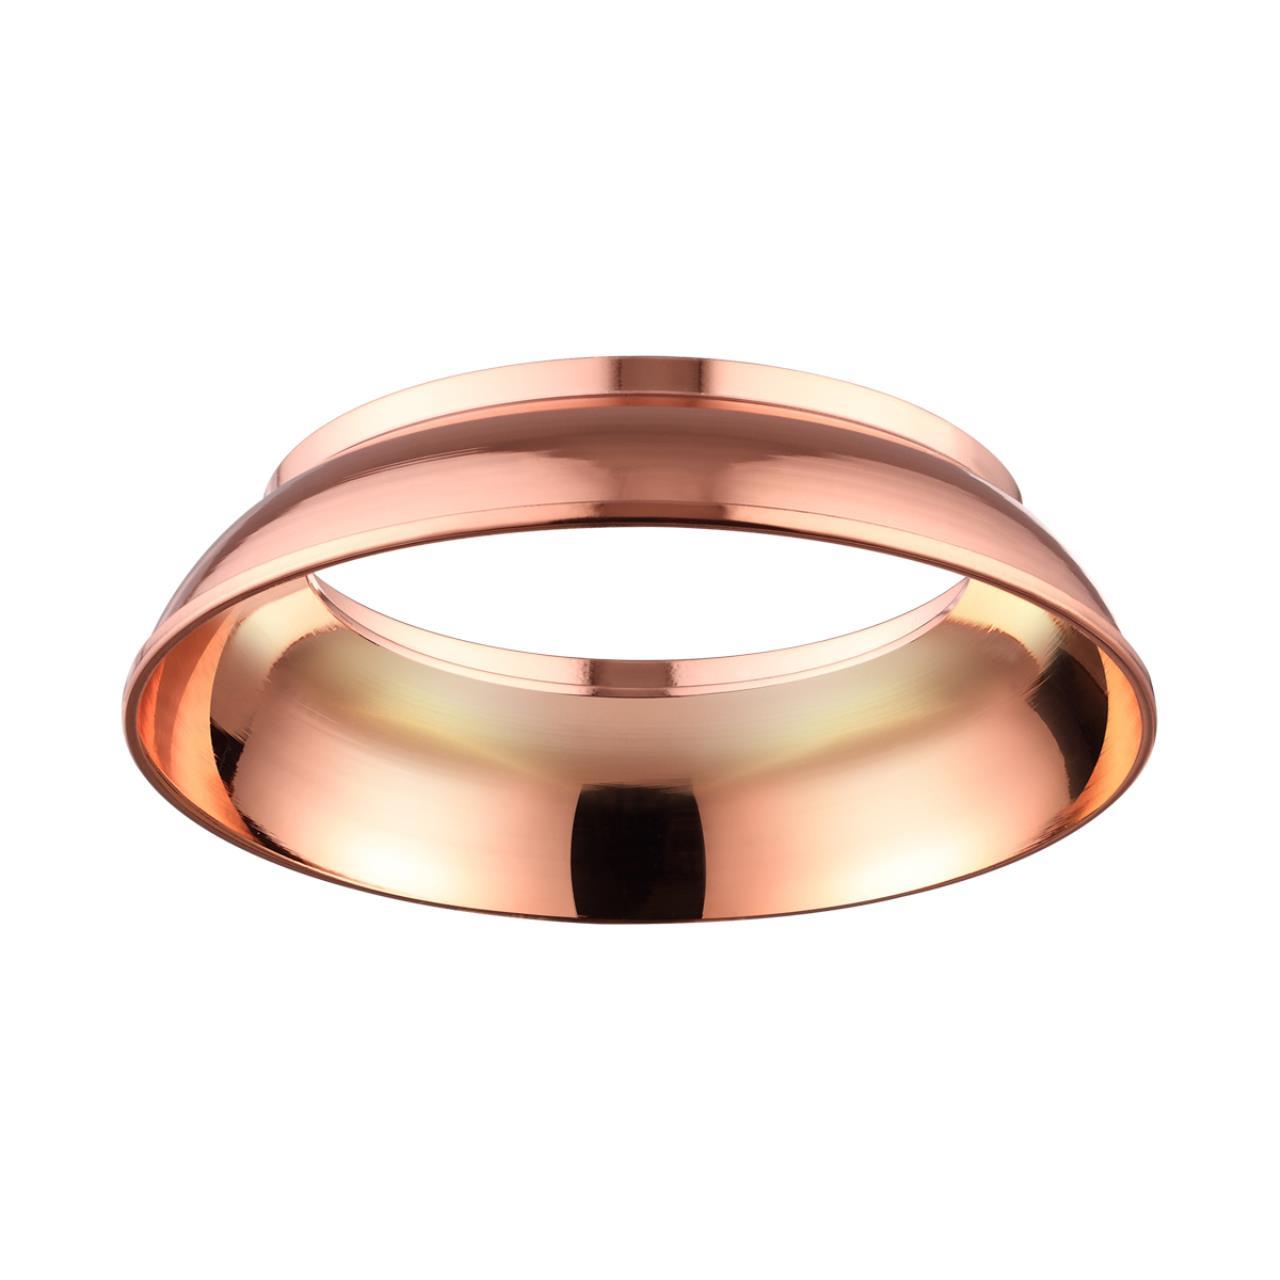 370539 KONST NT19 029 медь Внутреннее декоративное кольцо к артикулам 370529 - 370534 UNITE